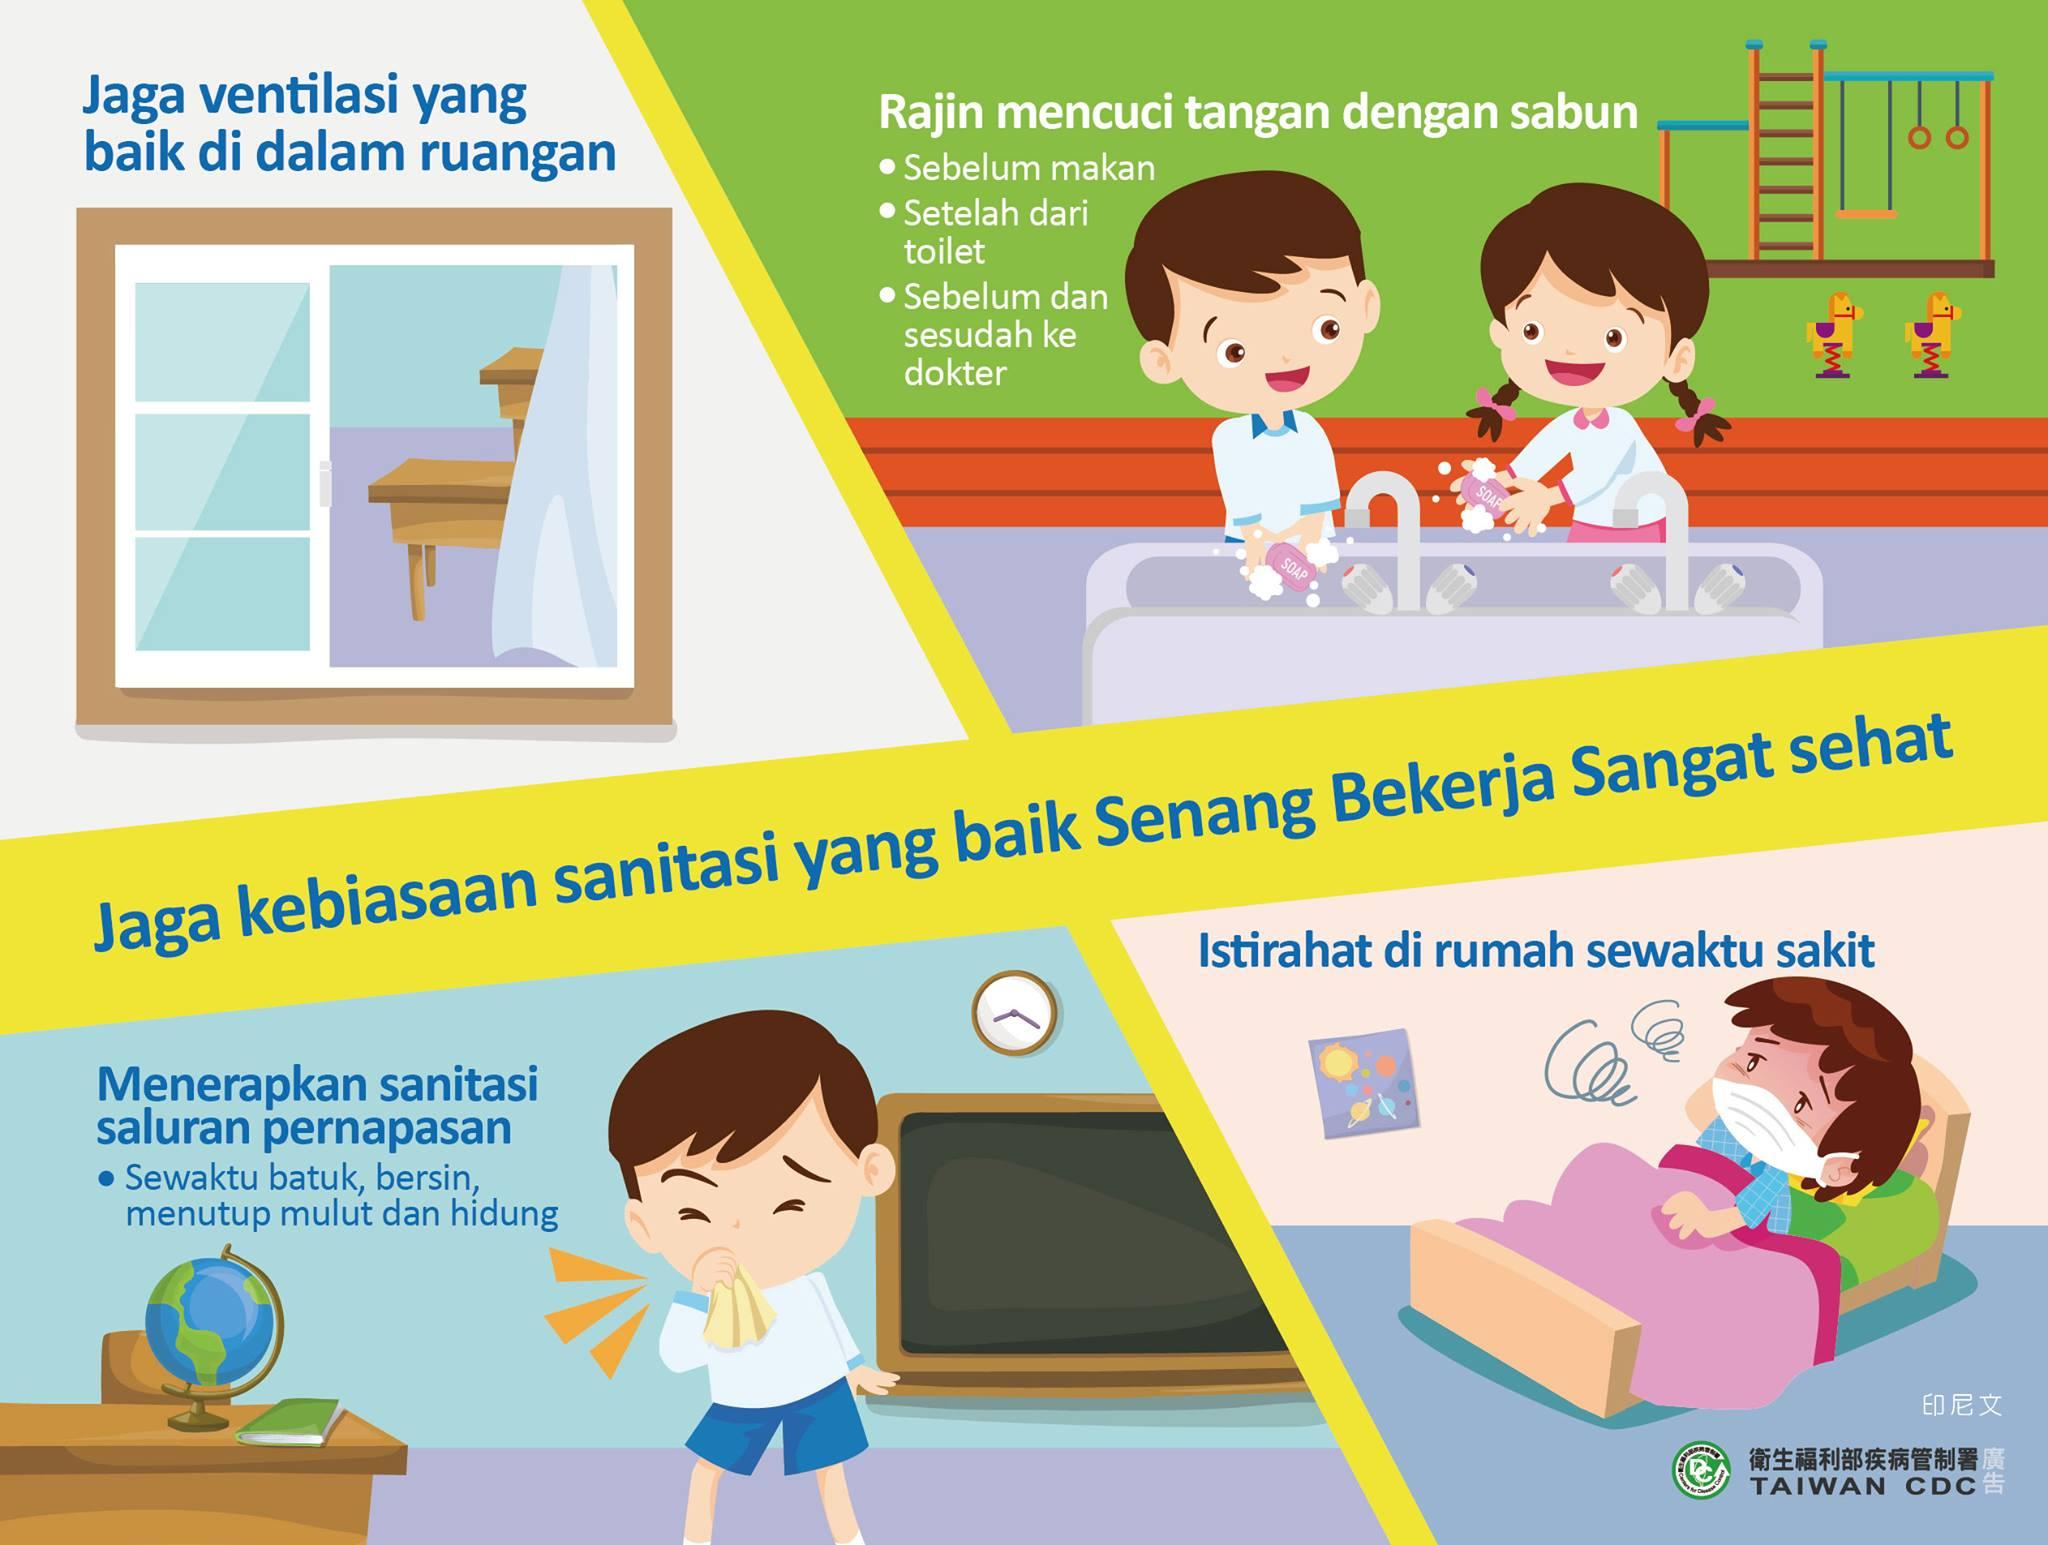 衛生福利部宣導保持衛生好習慣好防疫-印尼文